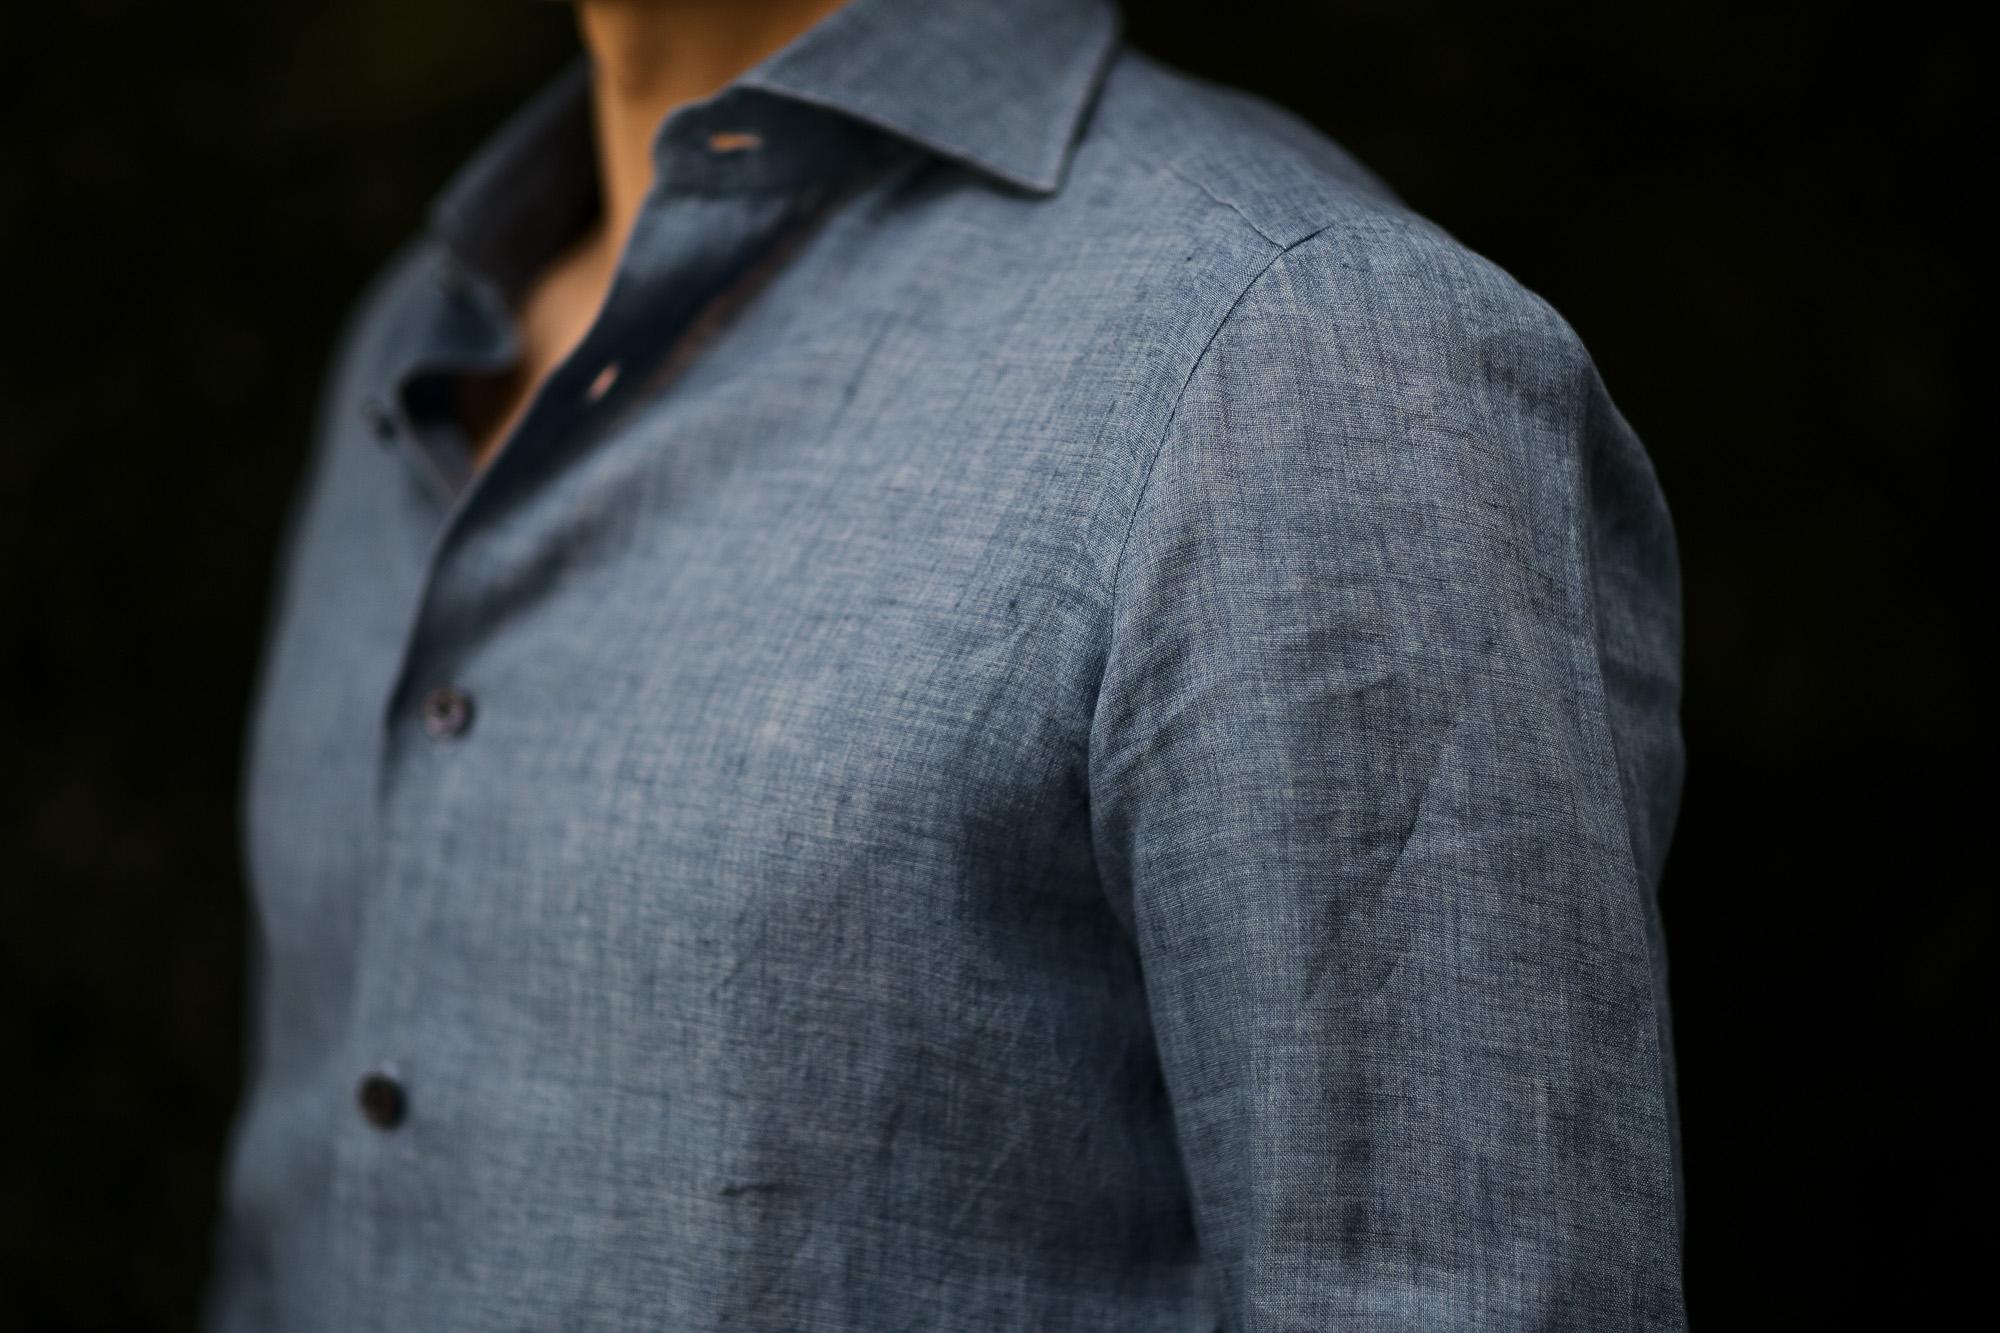 AVINO Laboratorio Napoletano(アヴィーノ・ラボラトリオ・ナポレターノ) Linen Dress Shirts (リネン ドレス シャツ) リネン100% ワイドカラー シャツ BLUE (ブルー) made in italy (イタリア製) 2020 春夏新作  【入荷しました】【フリー分発売開始】 愛知 名古屋 altoediritto アルトエデリット リネンシャツ